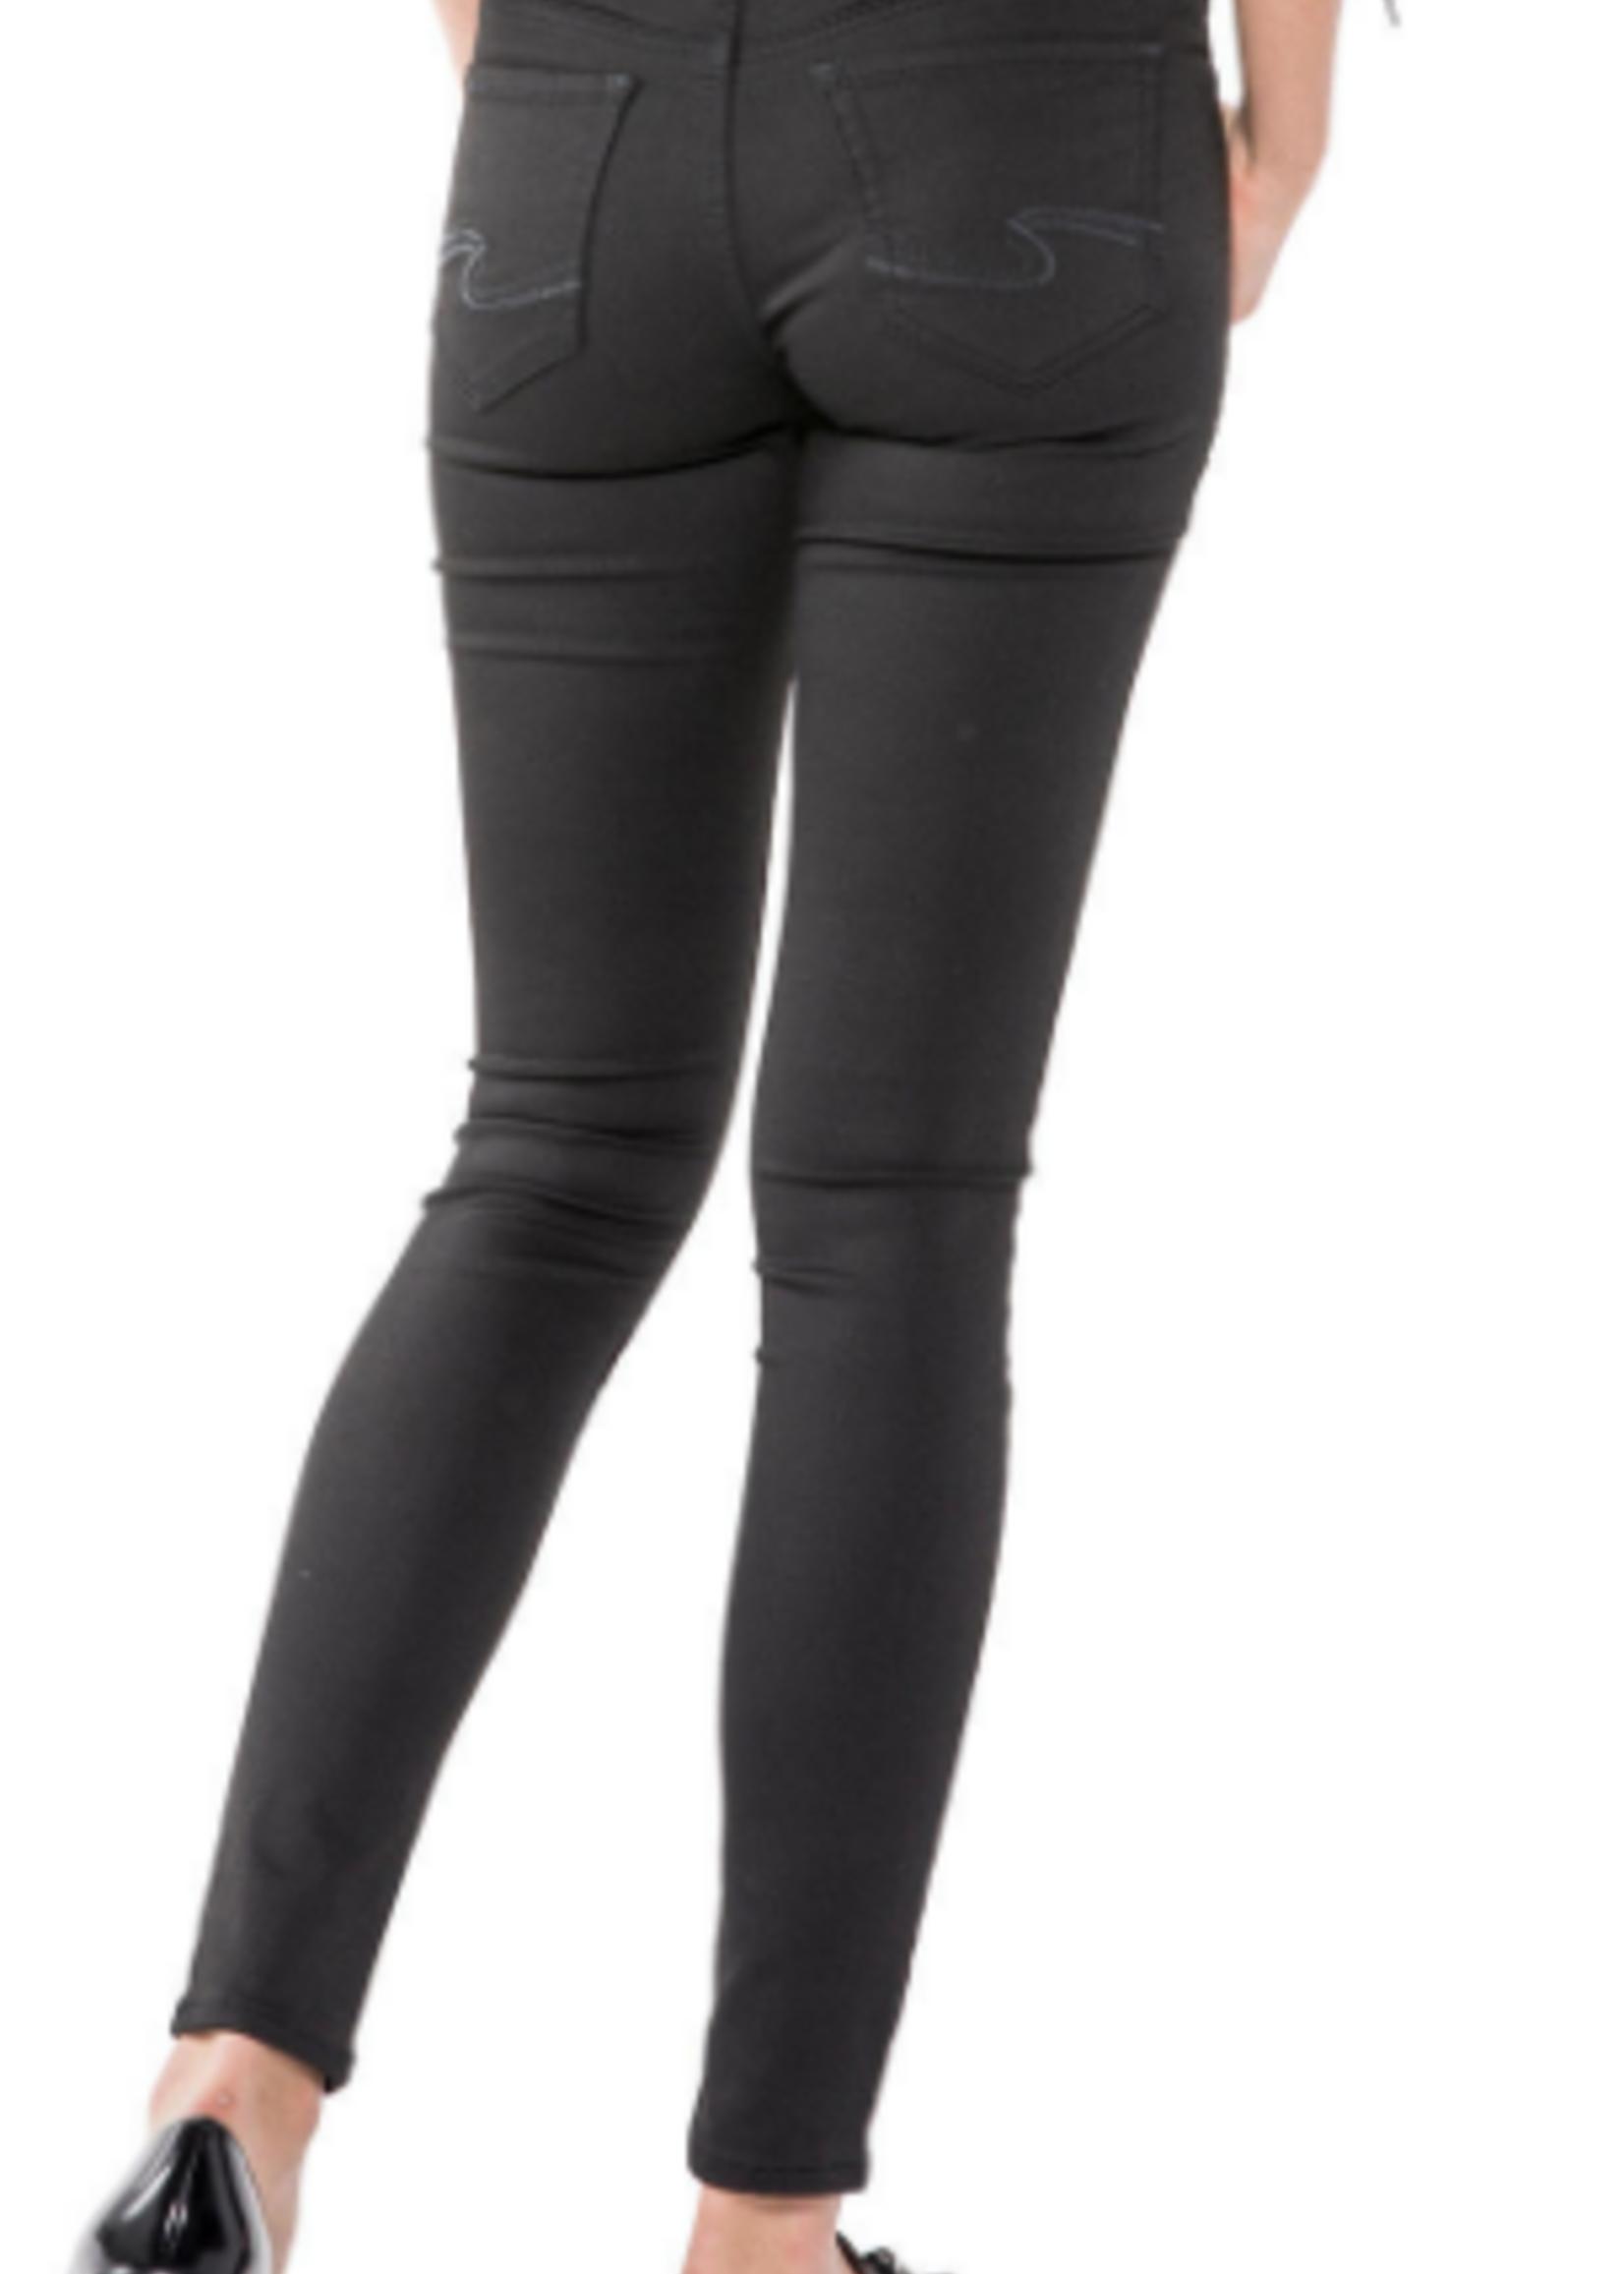 Silver Black suki skinny pant